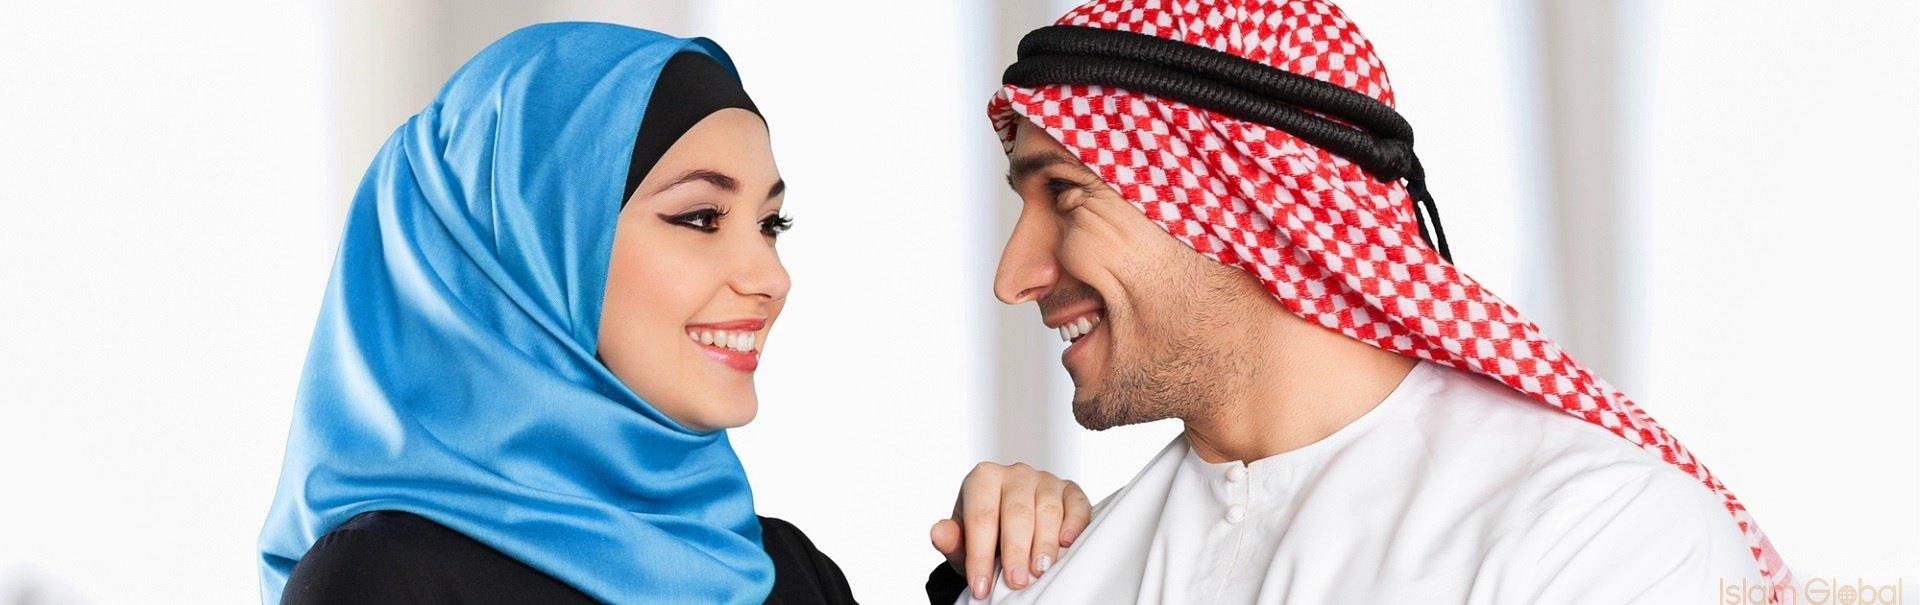 هل يجوز للزوج التدخل في لباس زوجته